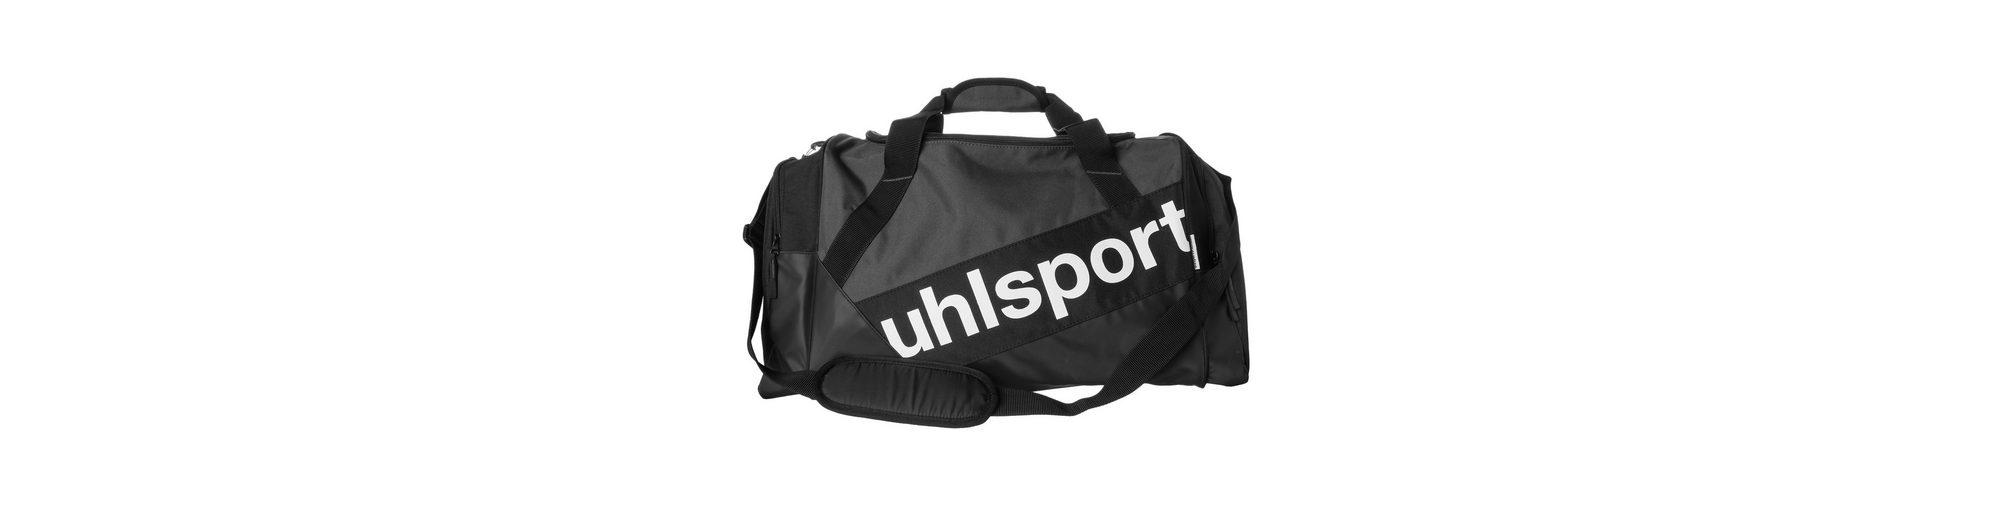 UHLSPORT Progressive Line 50 L Sportsbag